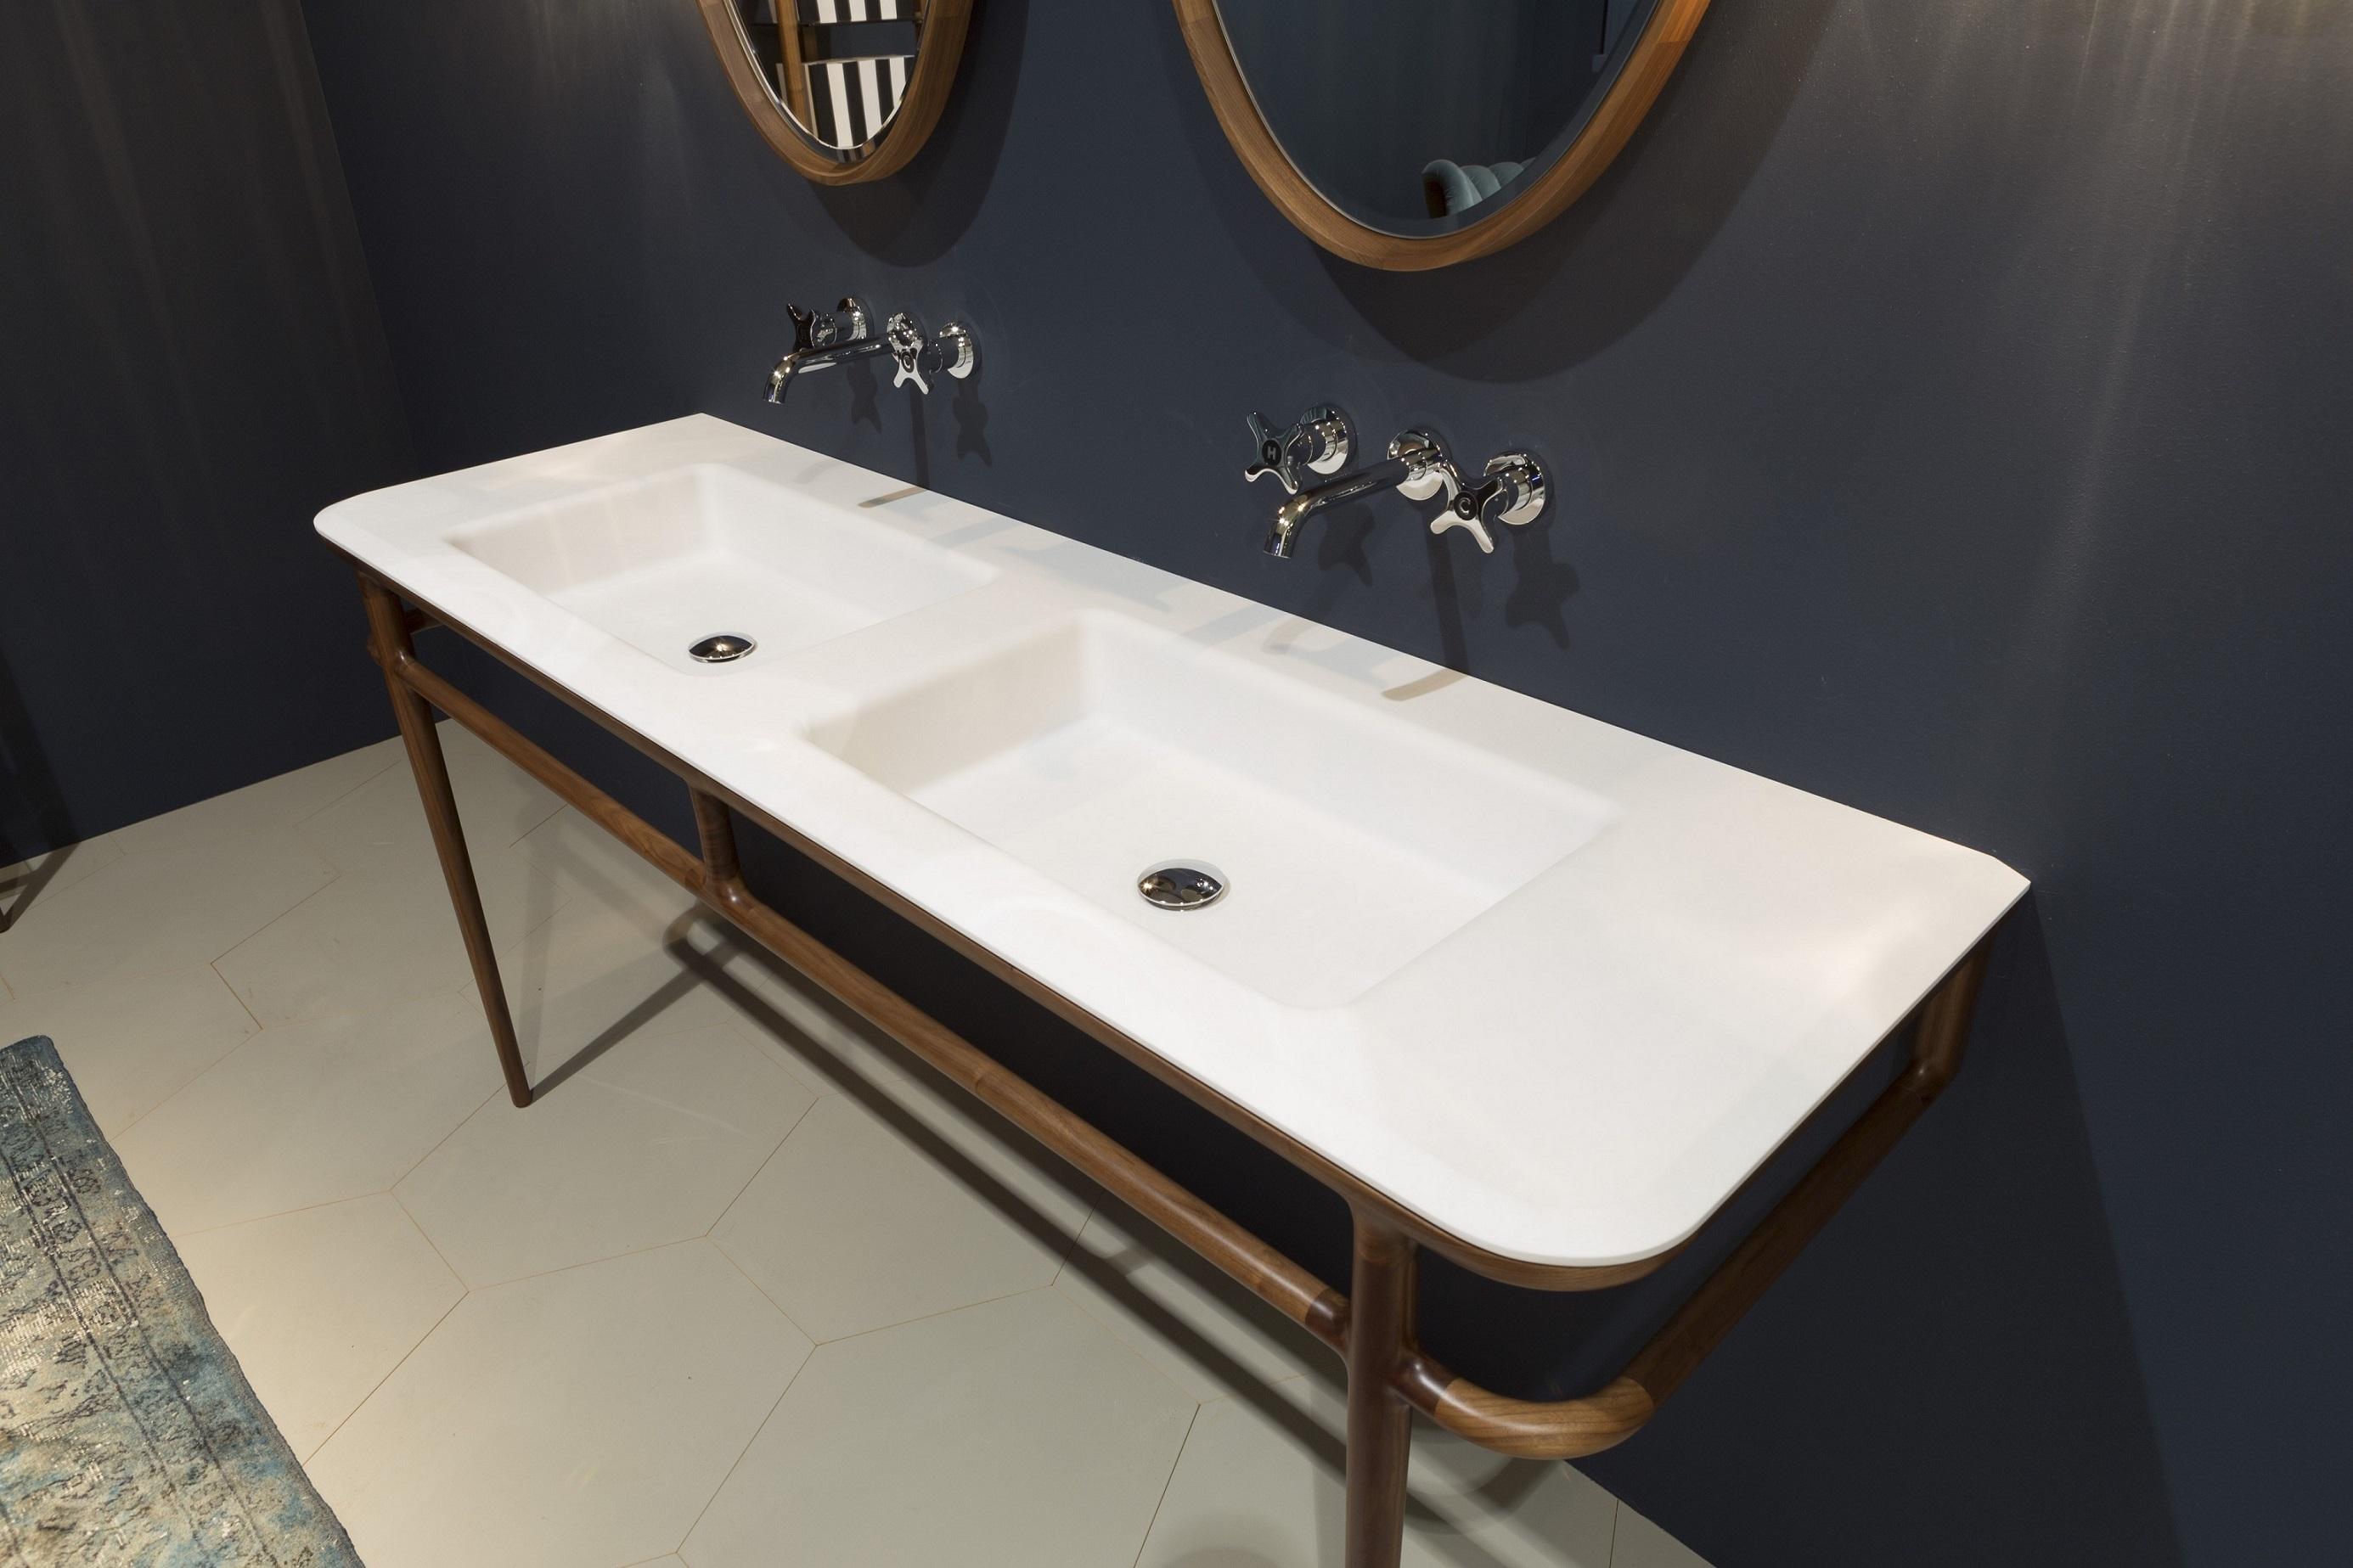 Salle de bain style authentique, ma salle de bain sur mesure ...